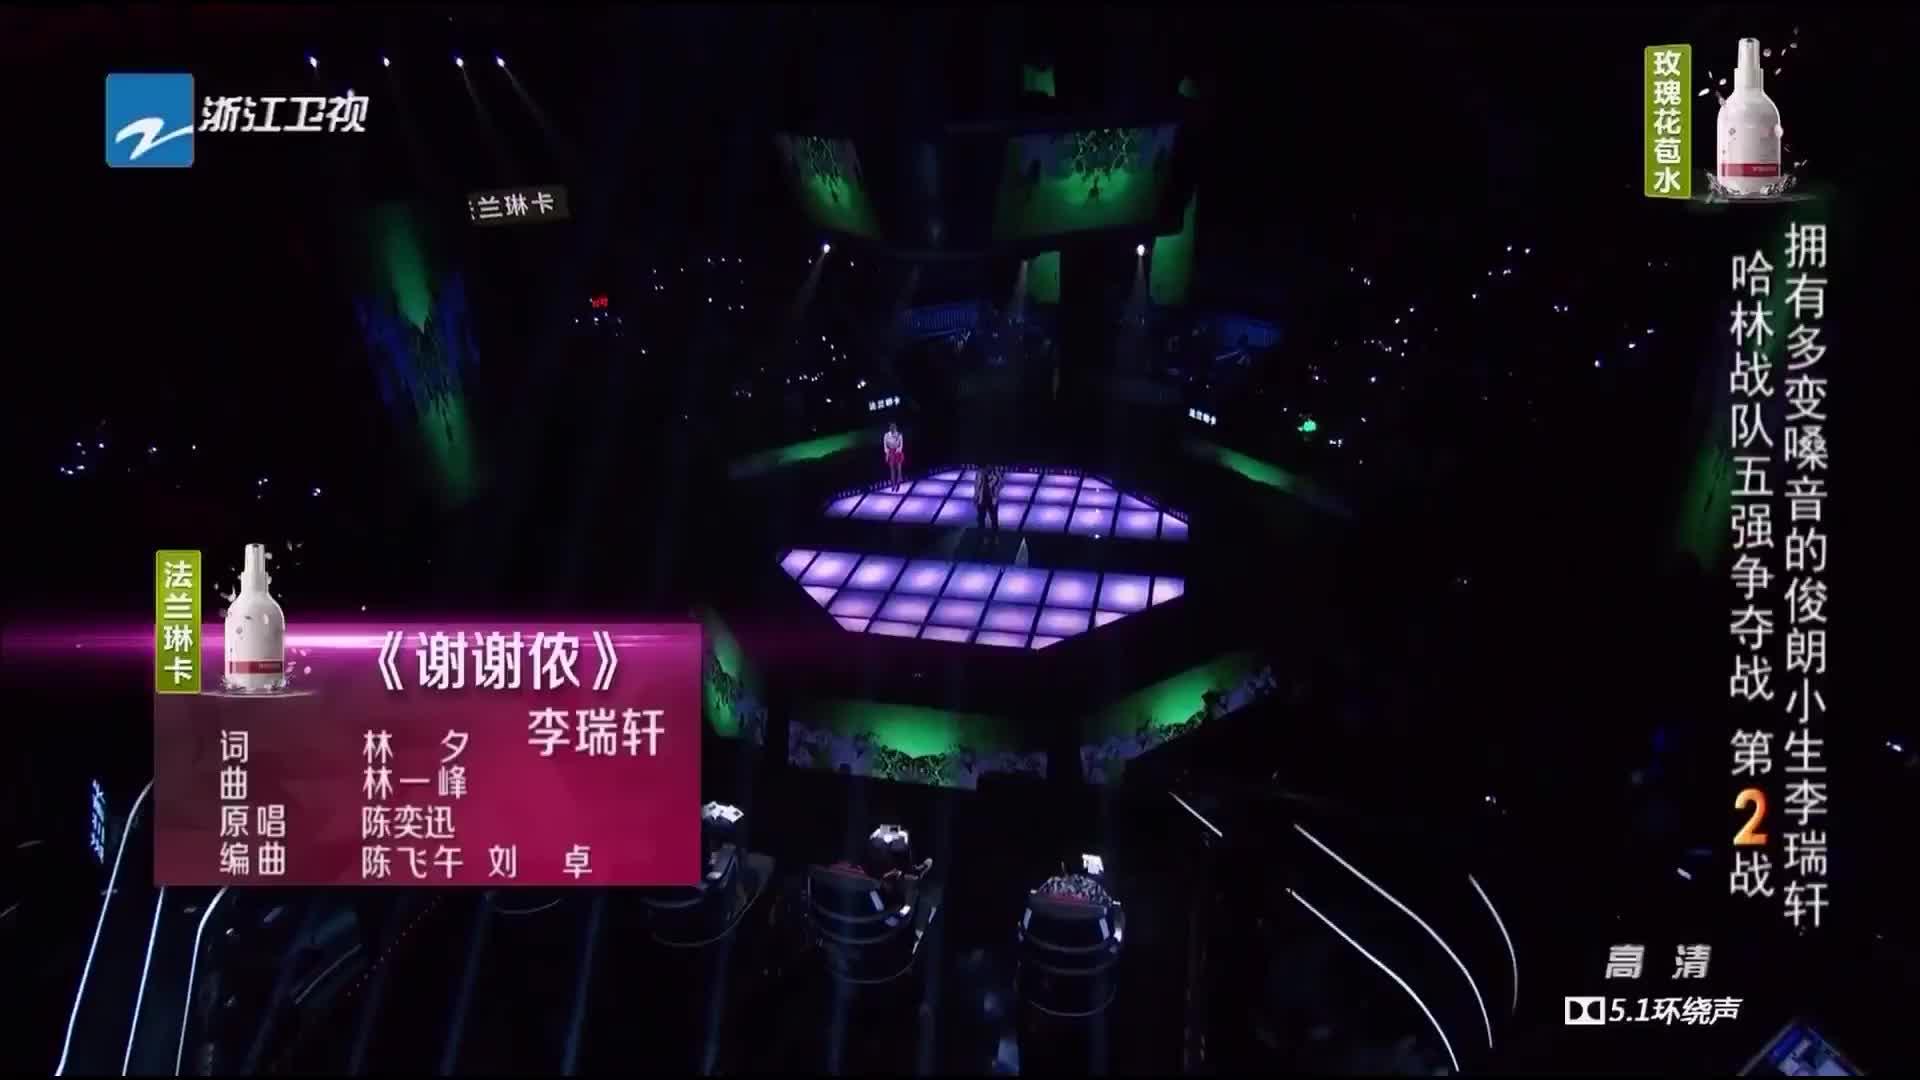 中国新歌声:李瑞轩独特嗓音带来陈奕迅《谢谢侬》,什么水平?